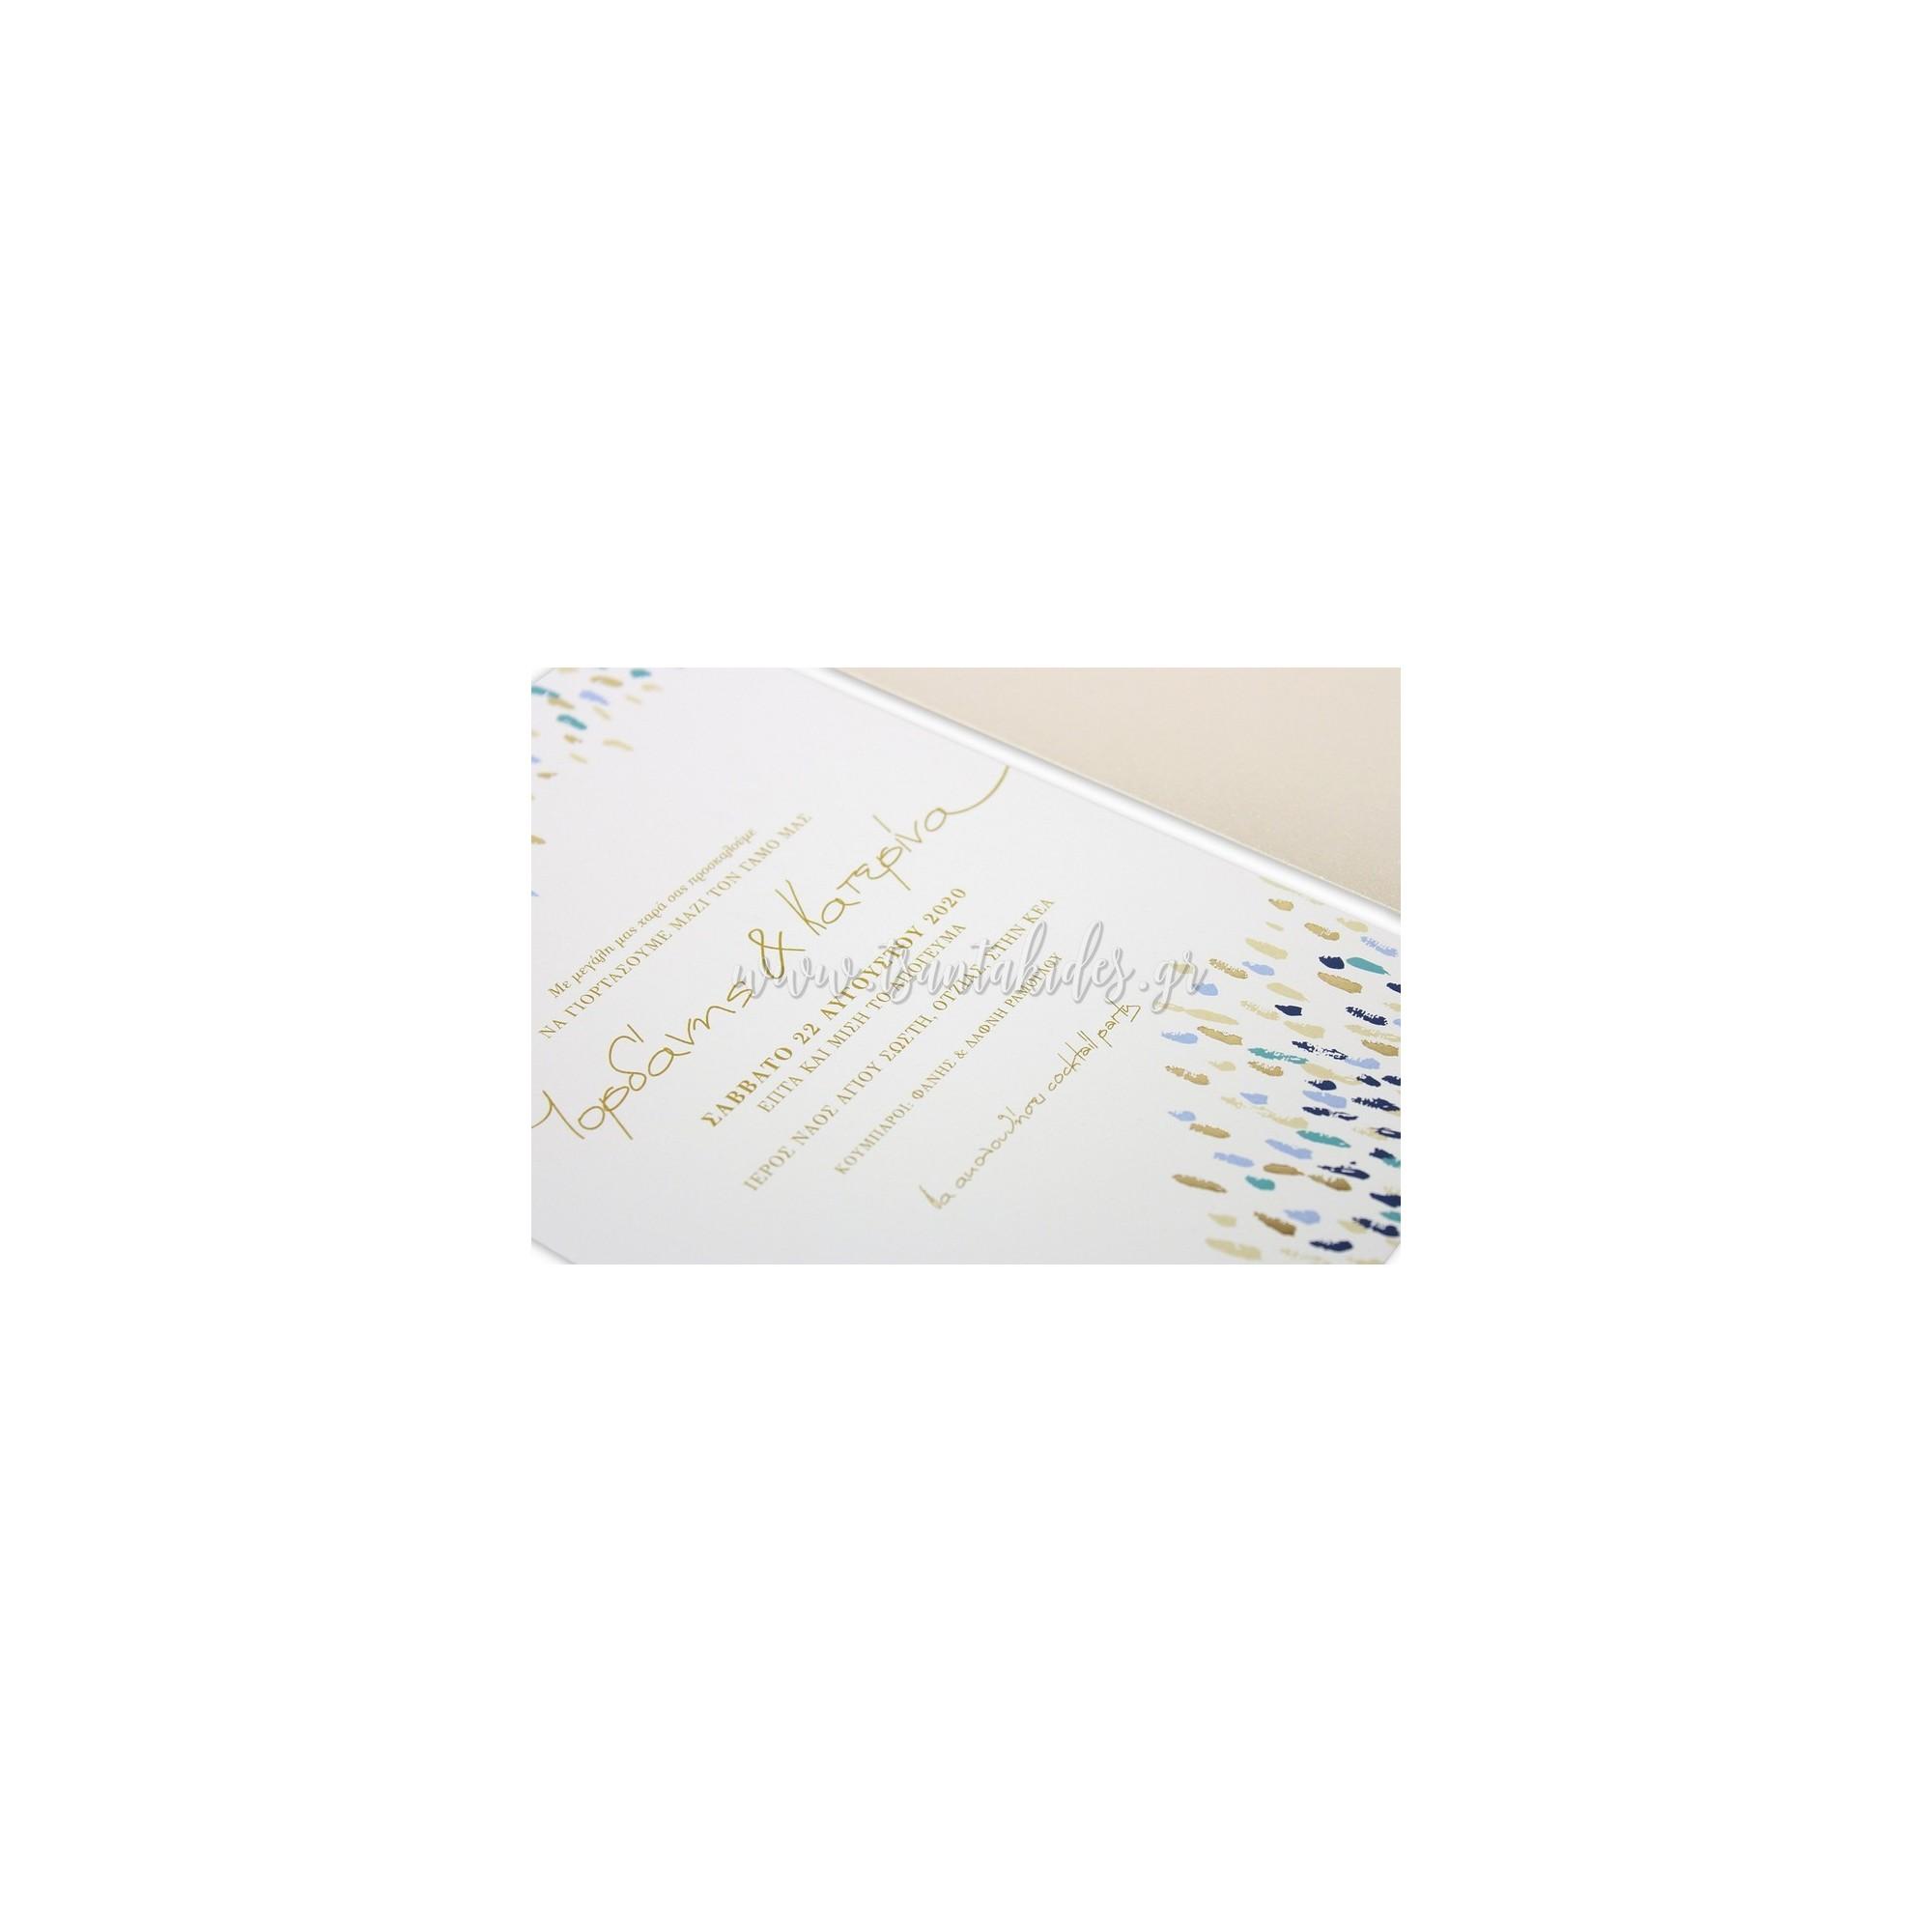 Προσκλητήριο Γάμου 7114 - TS-7714